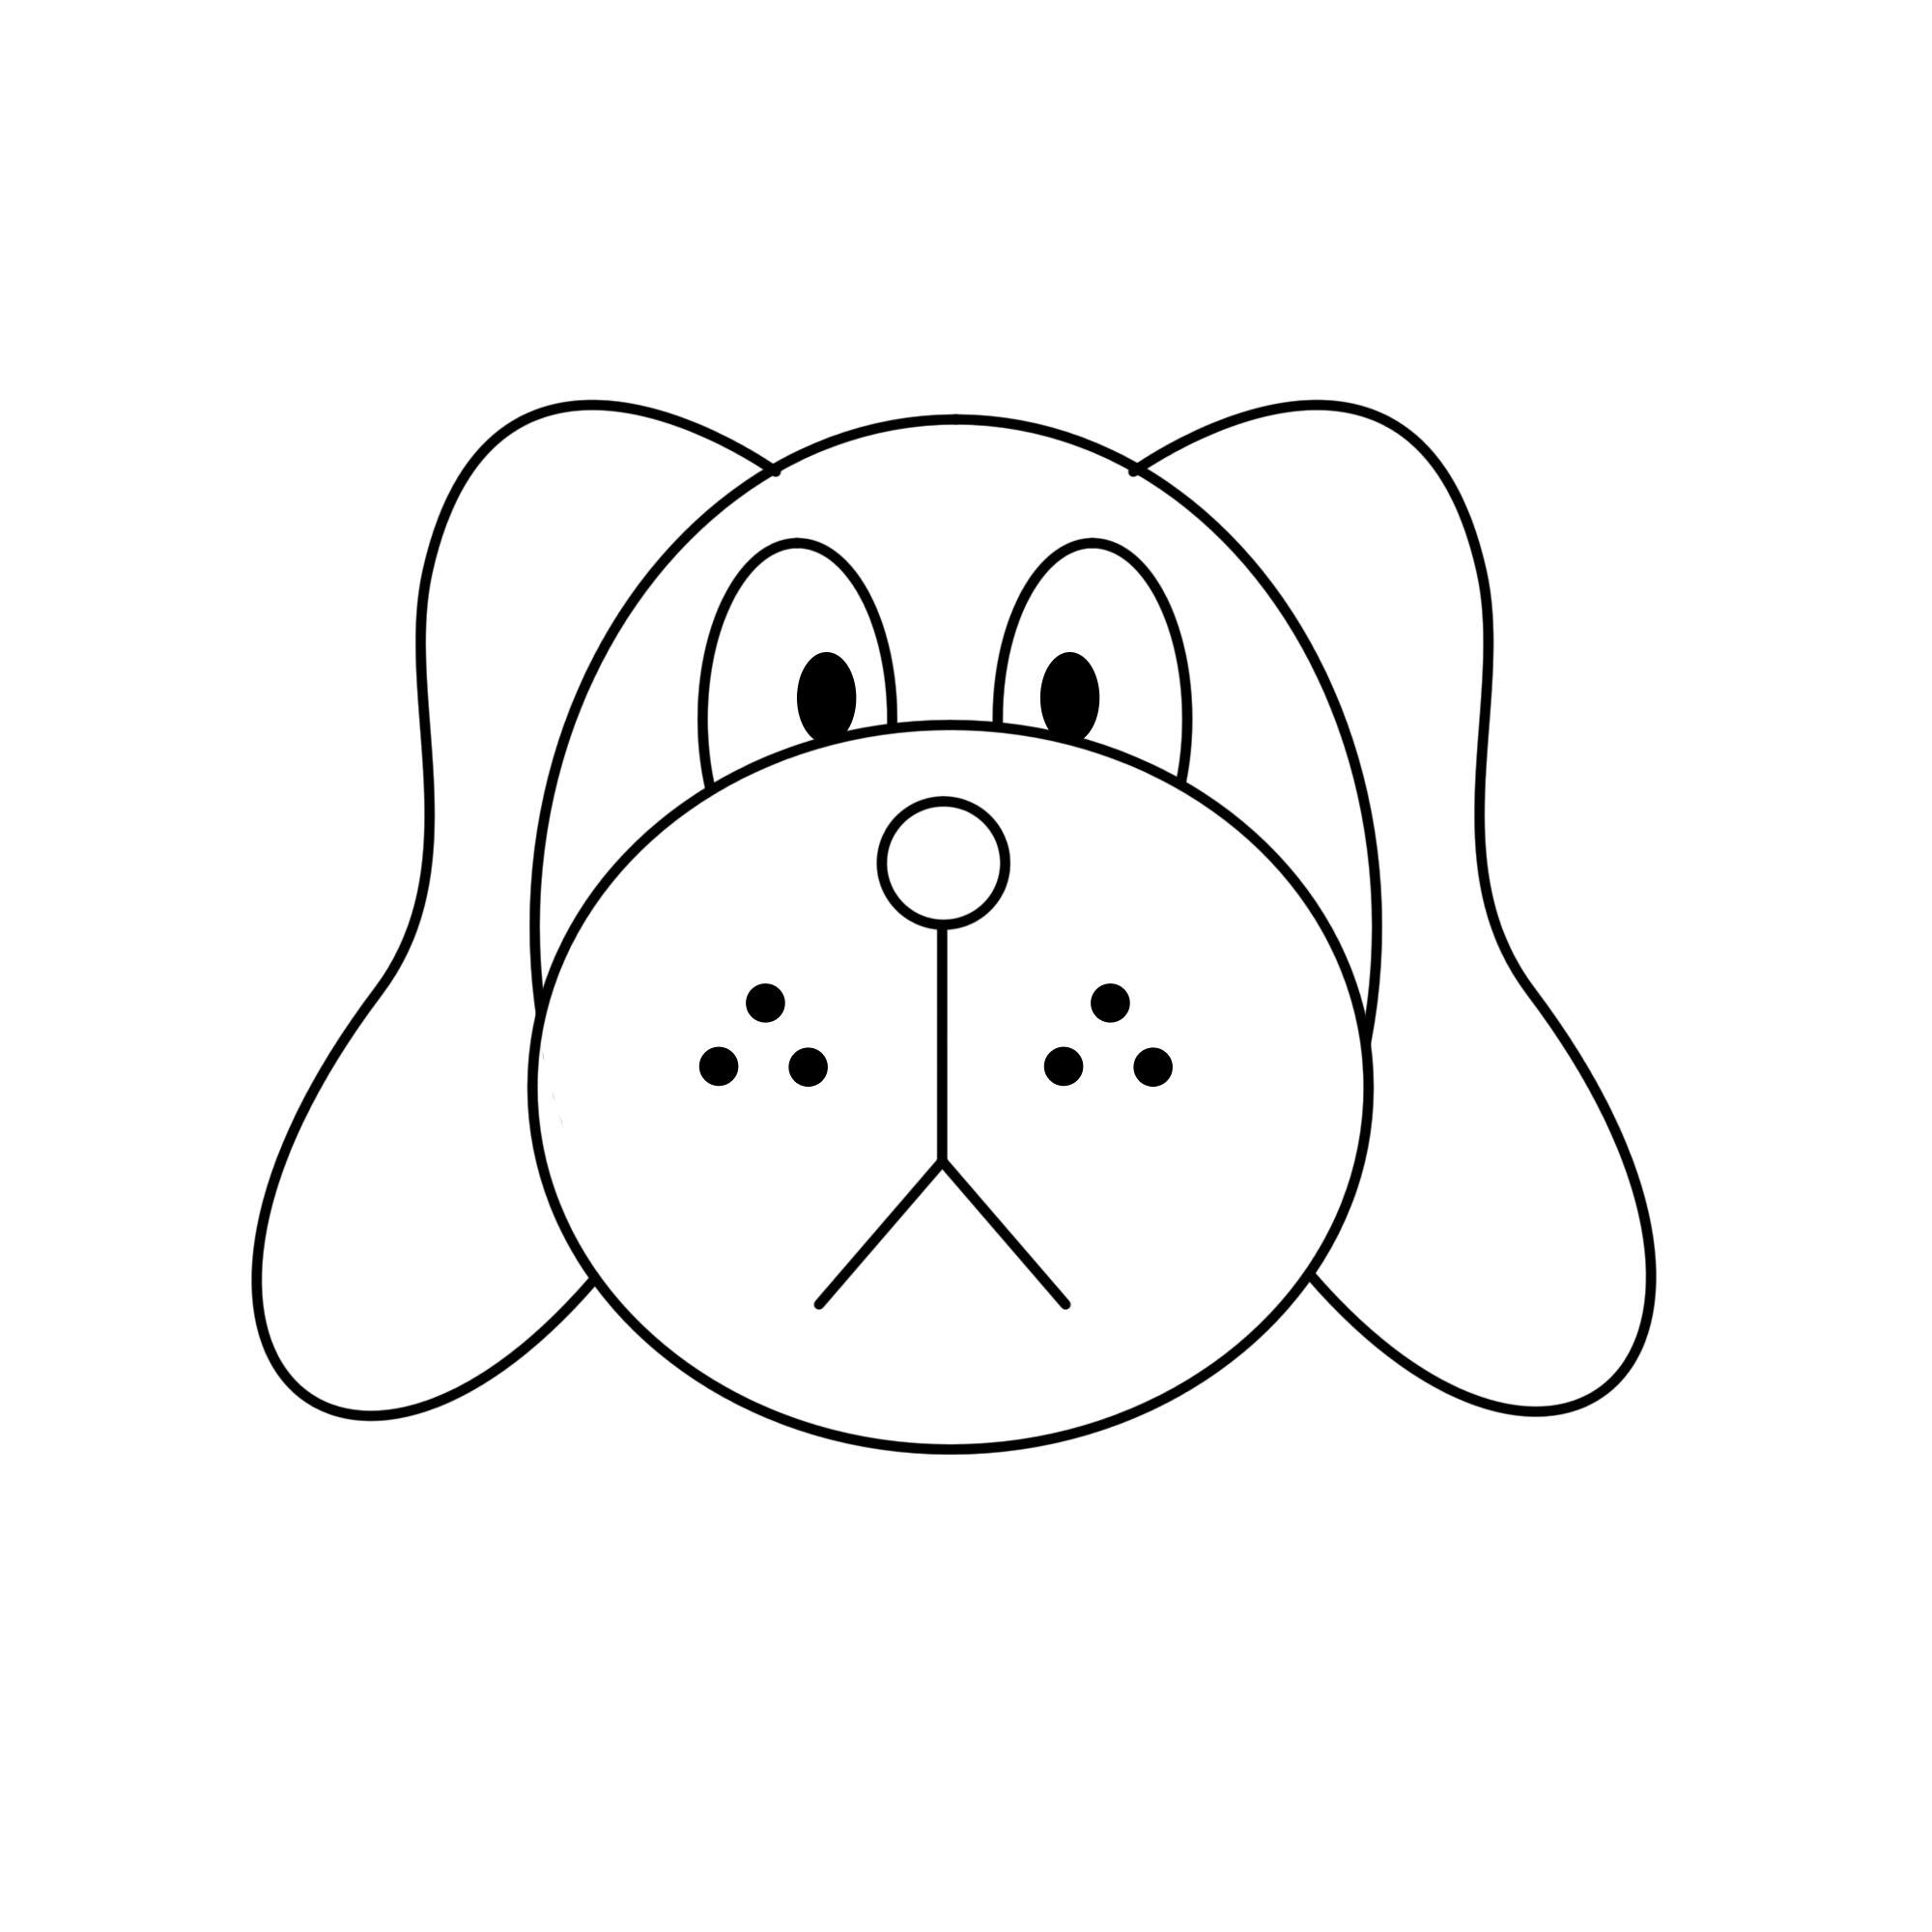 dessin de tete de chien facile